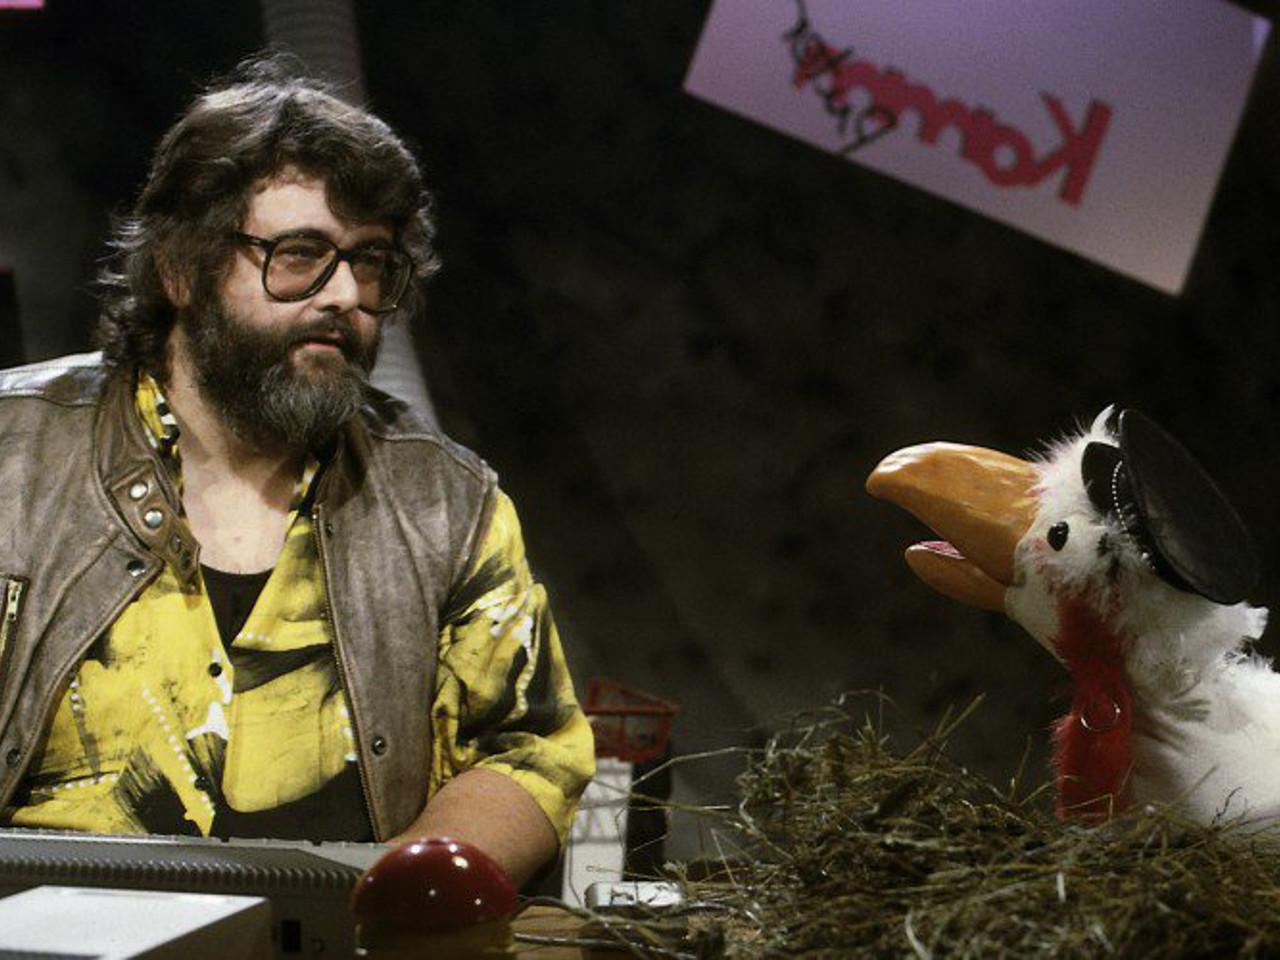 Wissensvermittlung mit Puter. Klaus Möller führte voller Humor durch die neue Welt der Technik. (Bild: ZDF und Look Video & Film Wiesbaden)